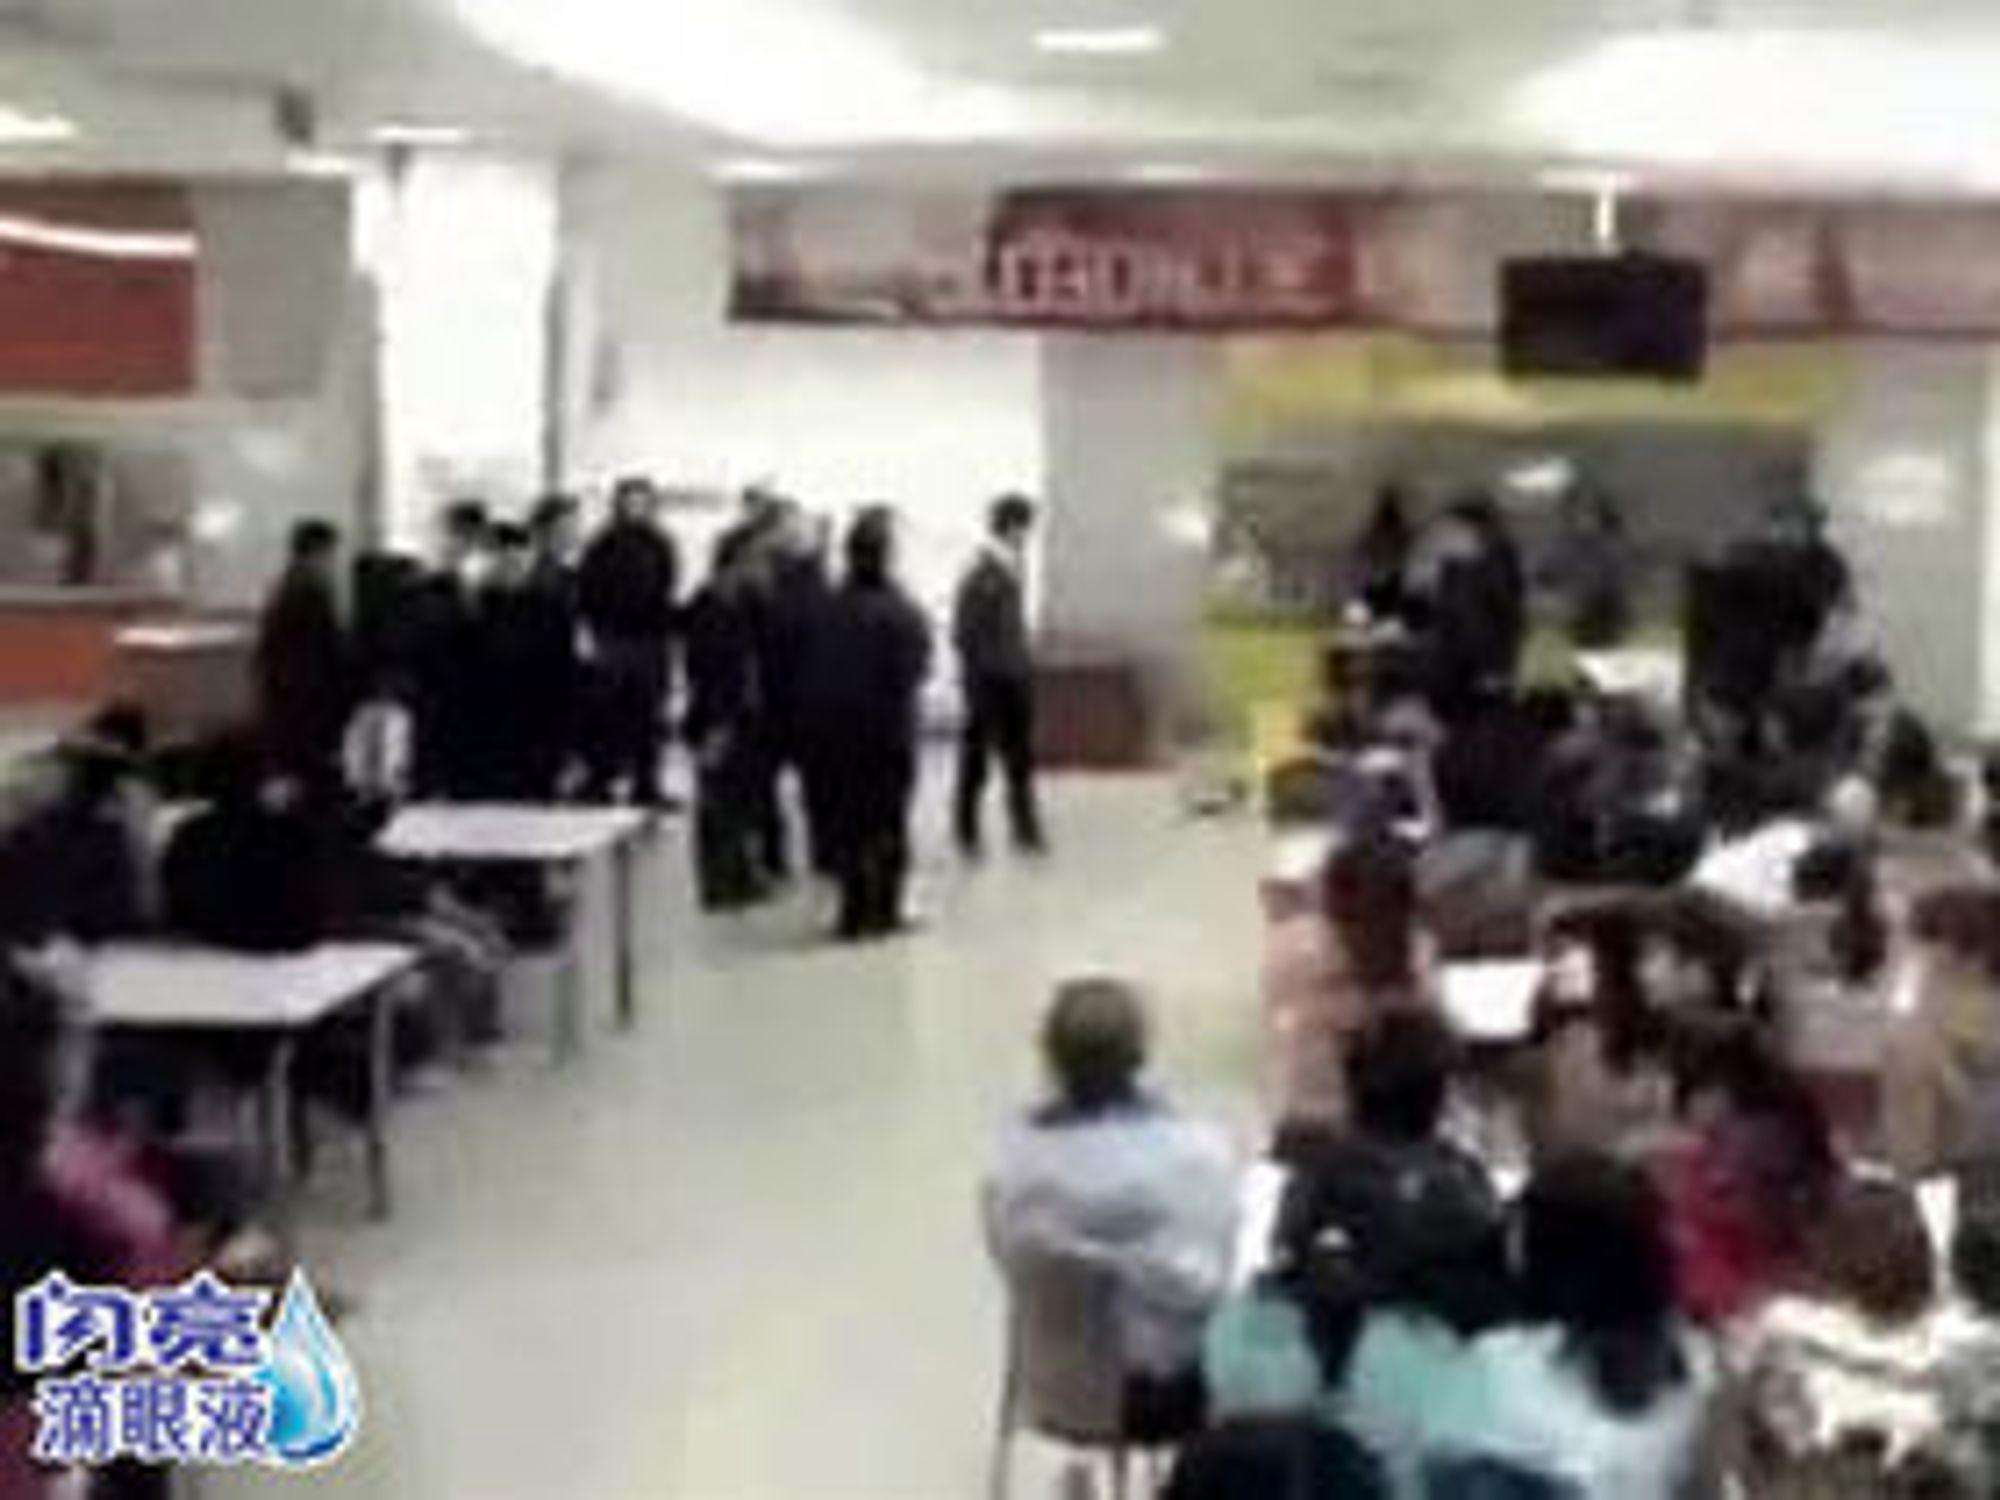 Fra et videoopptak av forhandlingene mellom ledelsen og de streikende, lagt ut på 56.com.